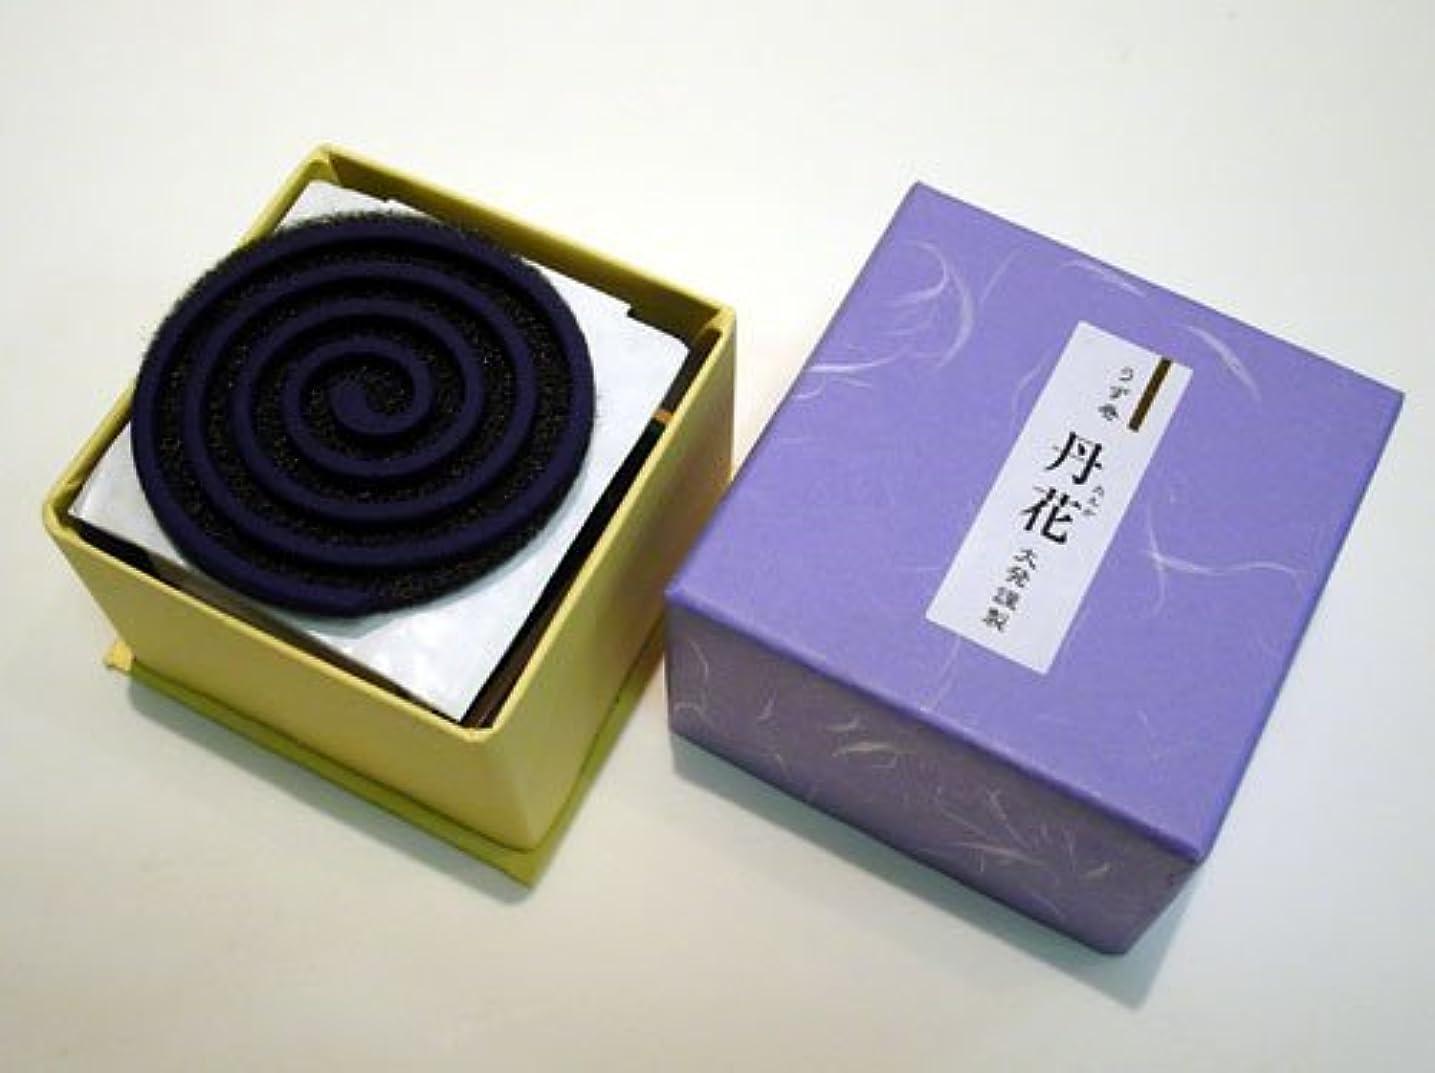 闘争軽蔑死にかけている甘酸っぱいエキゾチックな香り 「うず巻丹花(たんか)紫」 大発【お香】